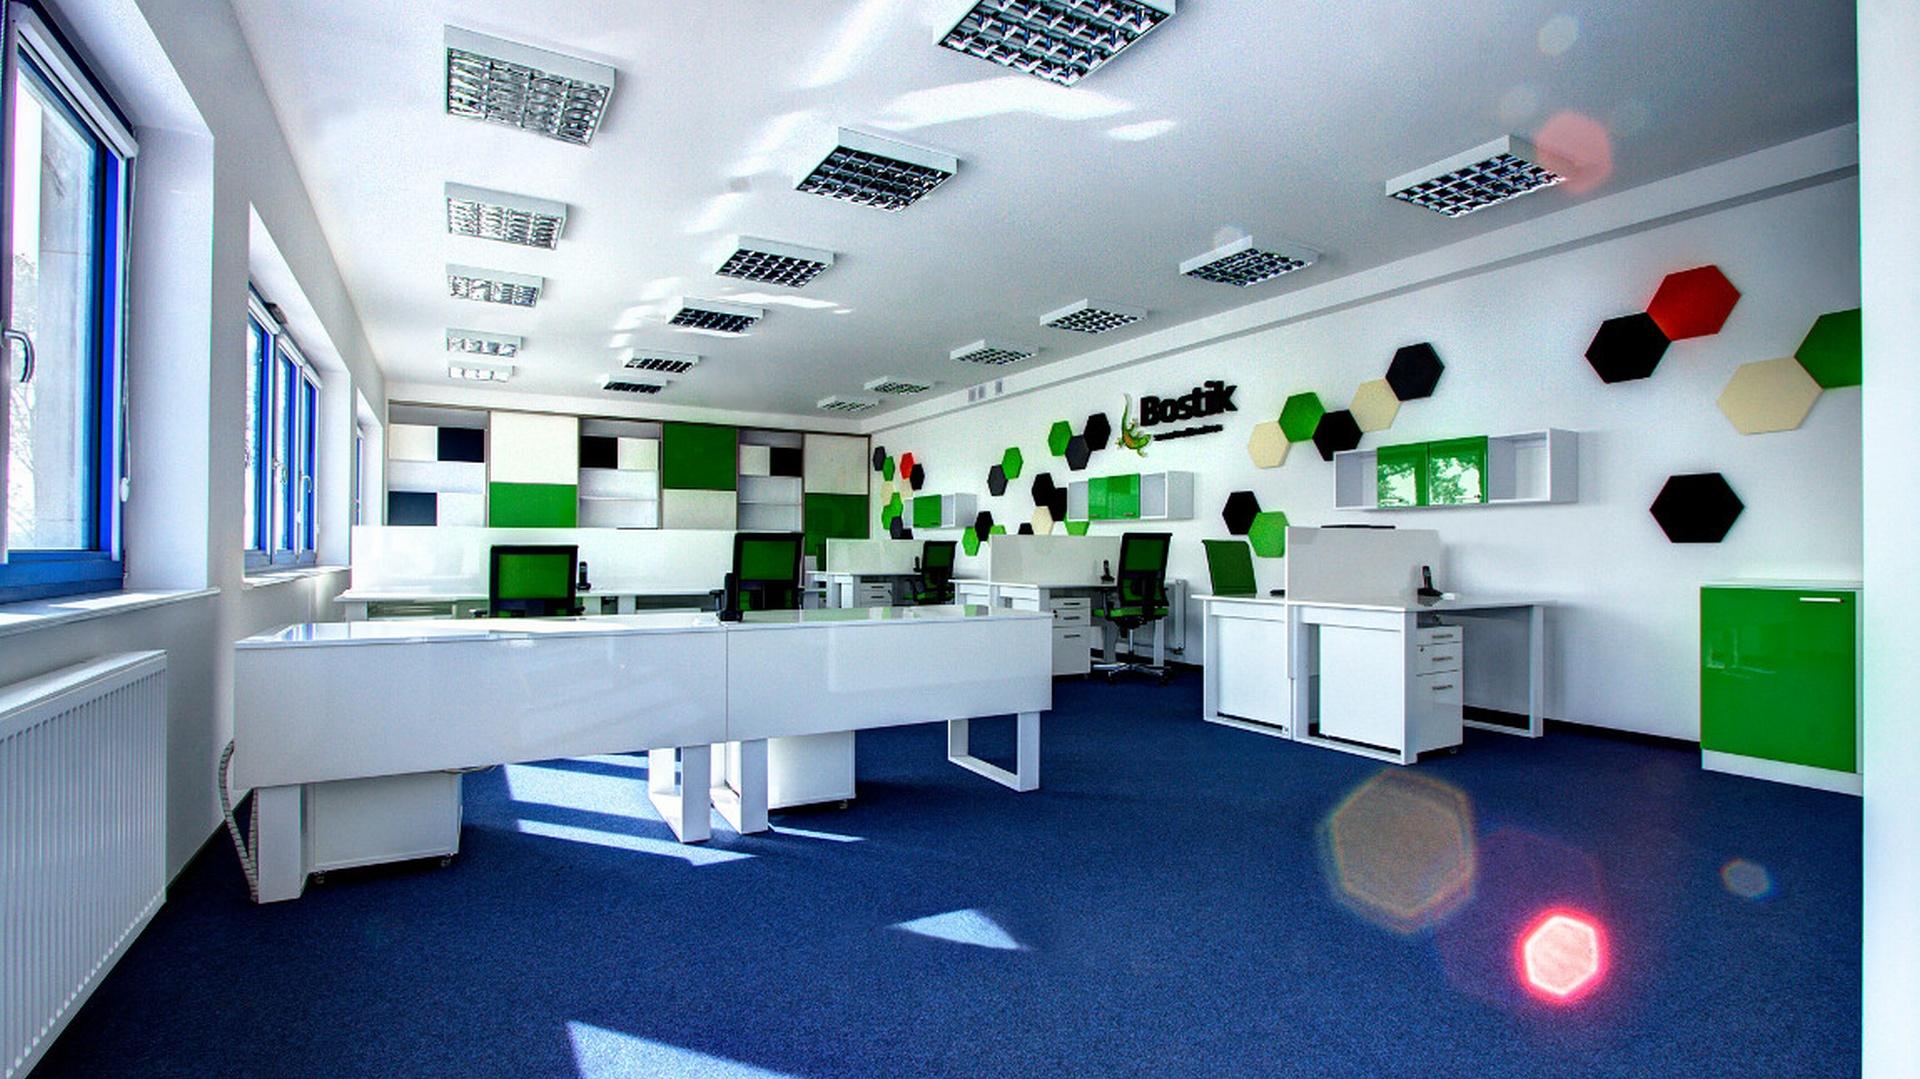 Białe ściany rozświetlają wnętrze, a niewielka ilość koloru sprzyja pracy i skupieniu. Nie jest to zwykłe biuro, ma swój charakter i pobudza kreatywność pracowników. Dzięki pomysłowemu rozplanowaniu ułożenia stanowisk pracy udało się uniknąć niewygód związanych z pracą w otwartej przestrzeń. Fot. Kameleon